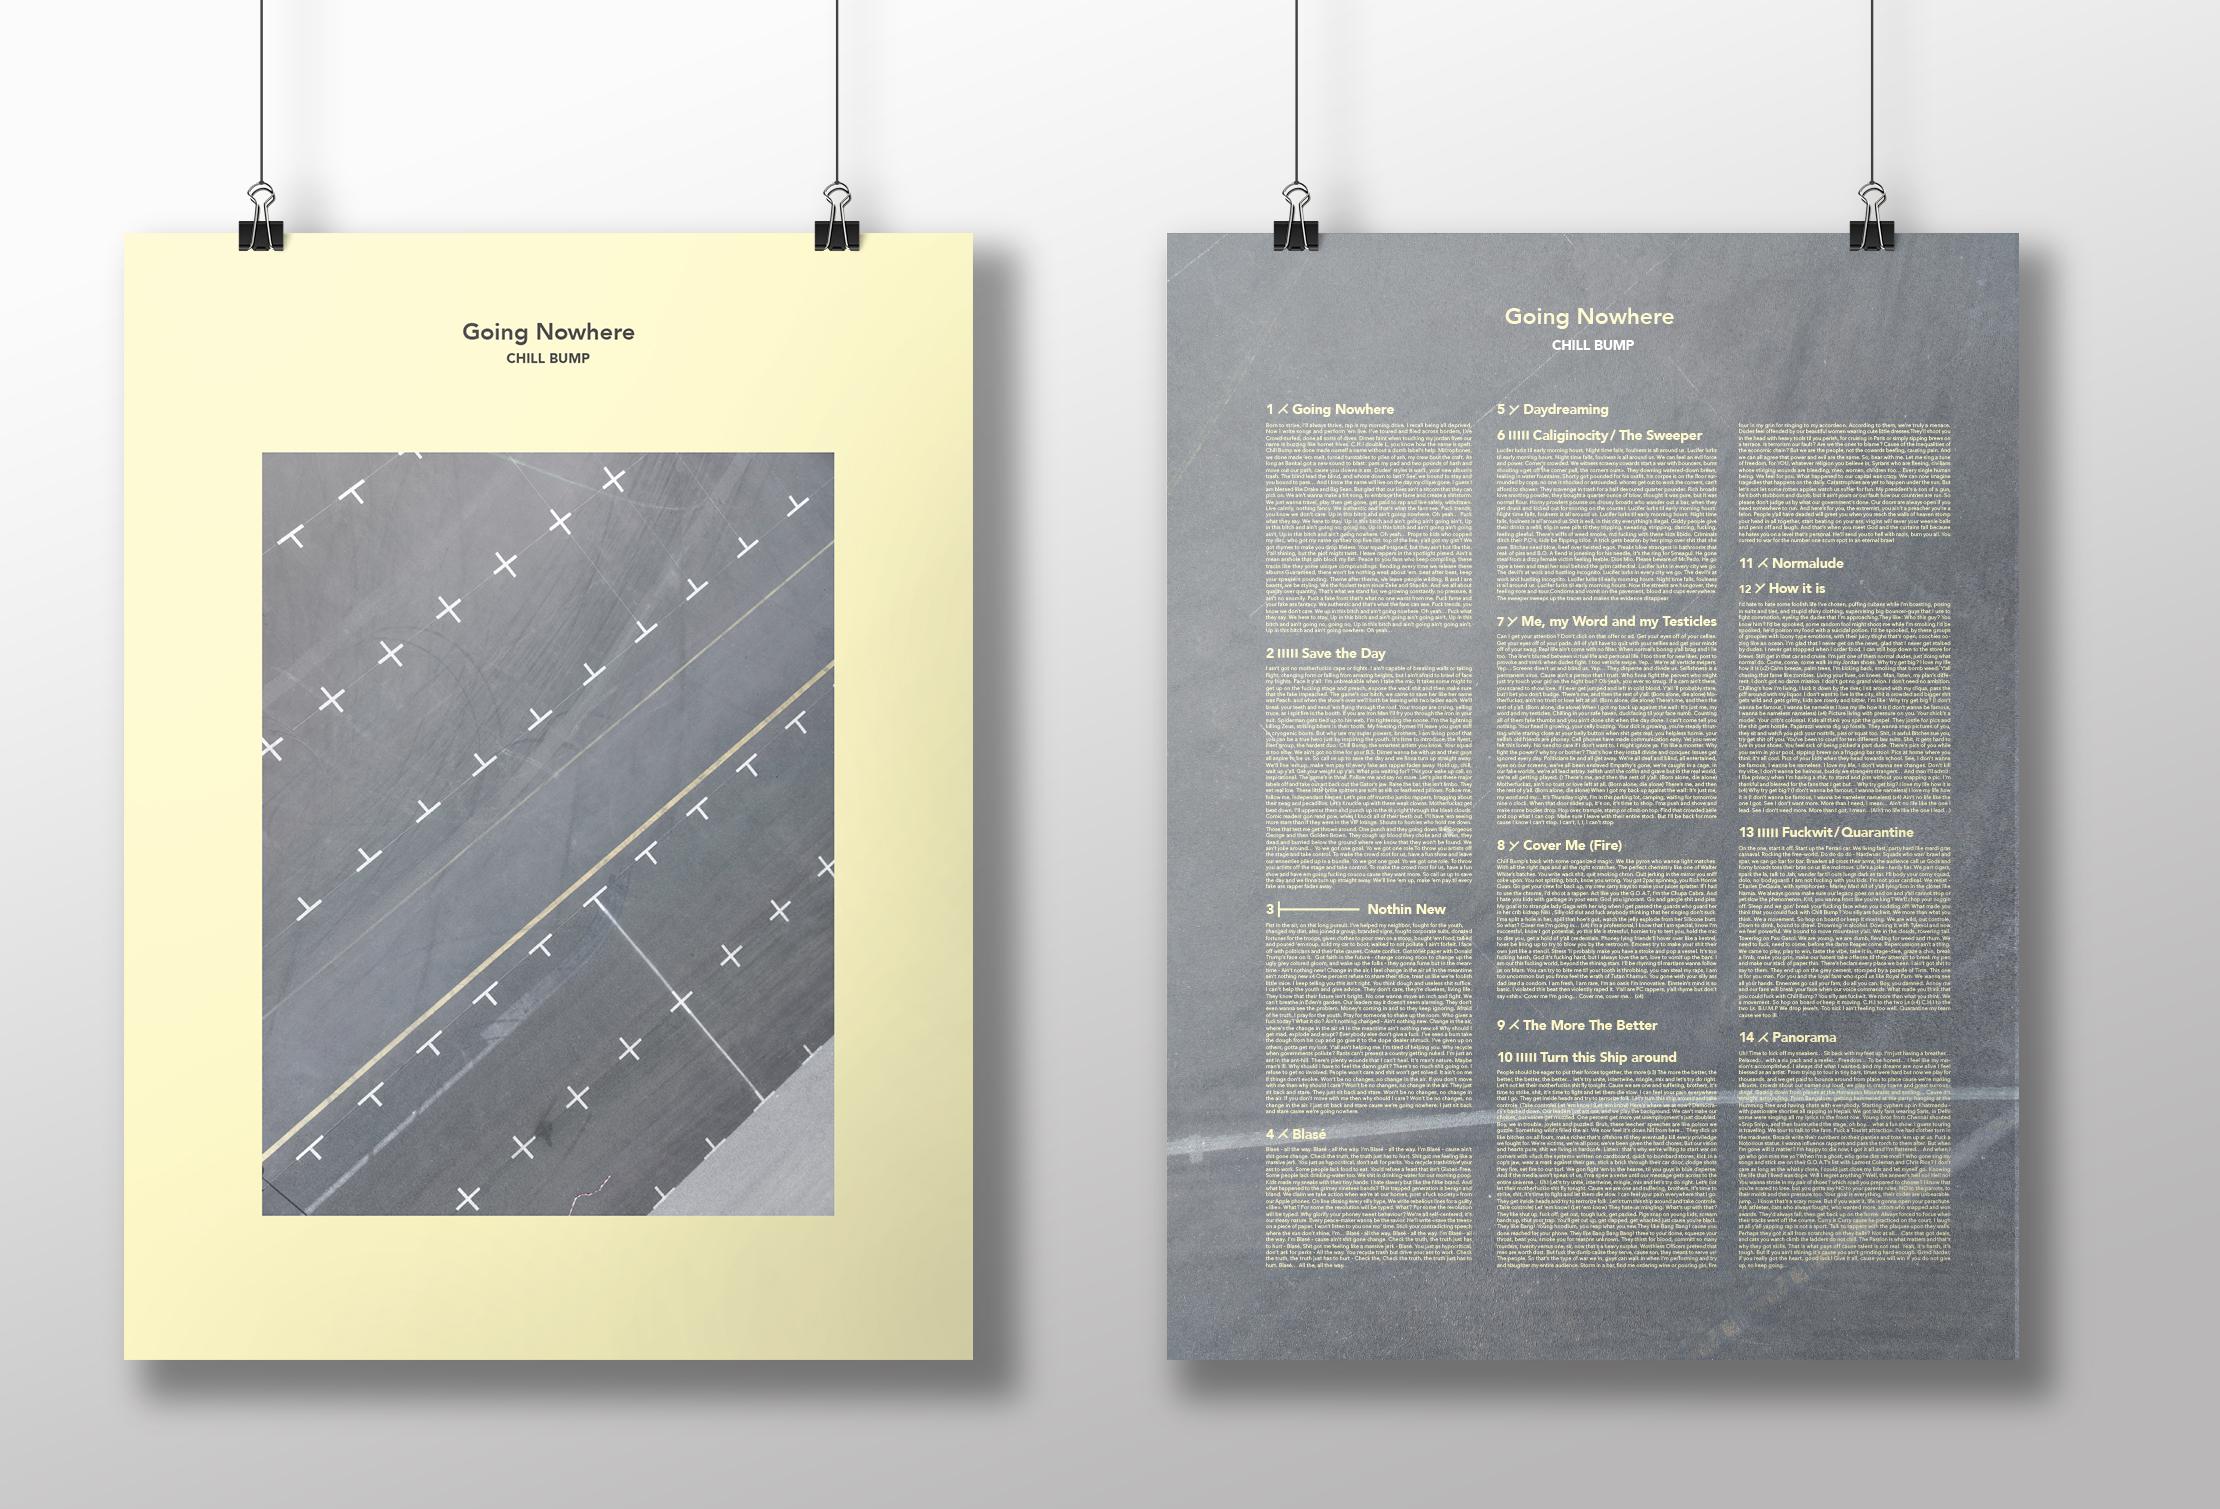 Poster-Merch2.jpg